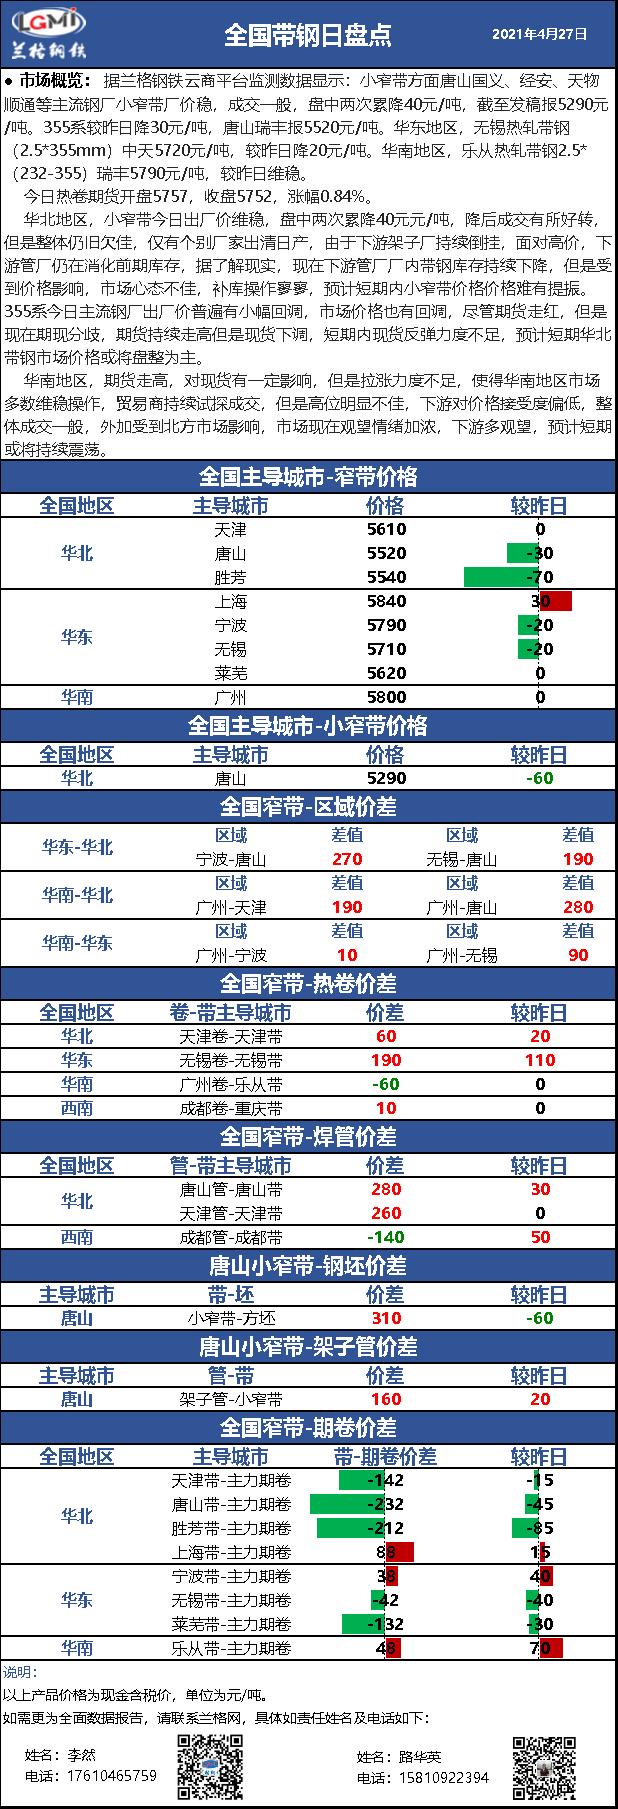 兰格带钢日盘点(4.27)期限分离 现货再降 市场或将持续震荡